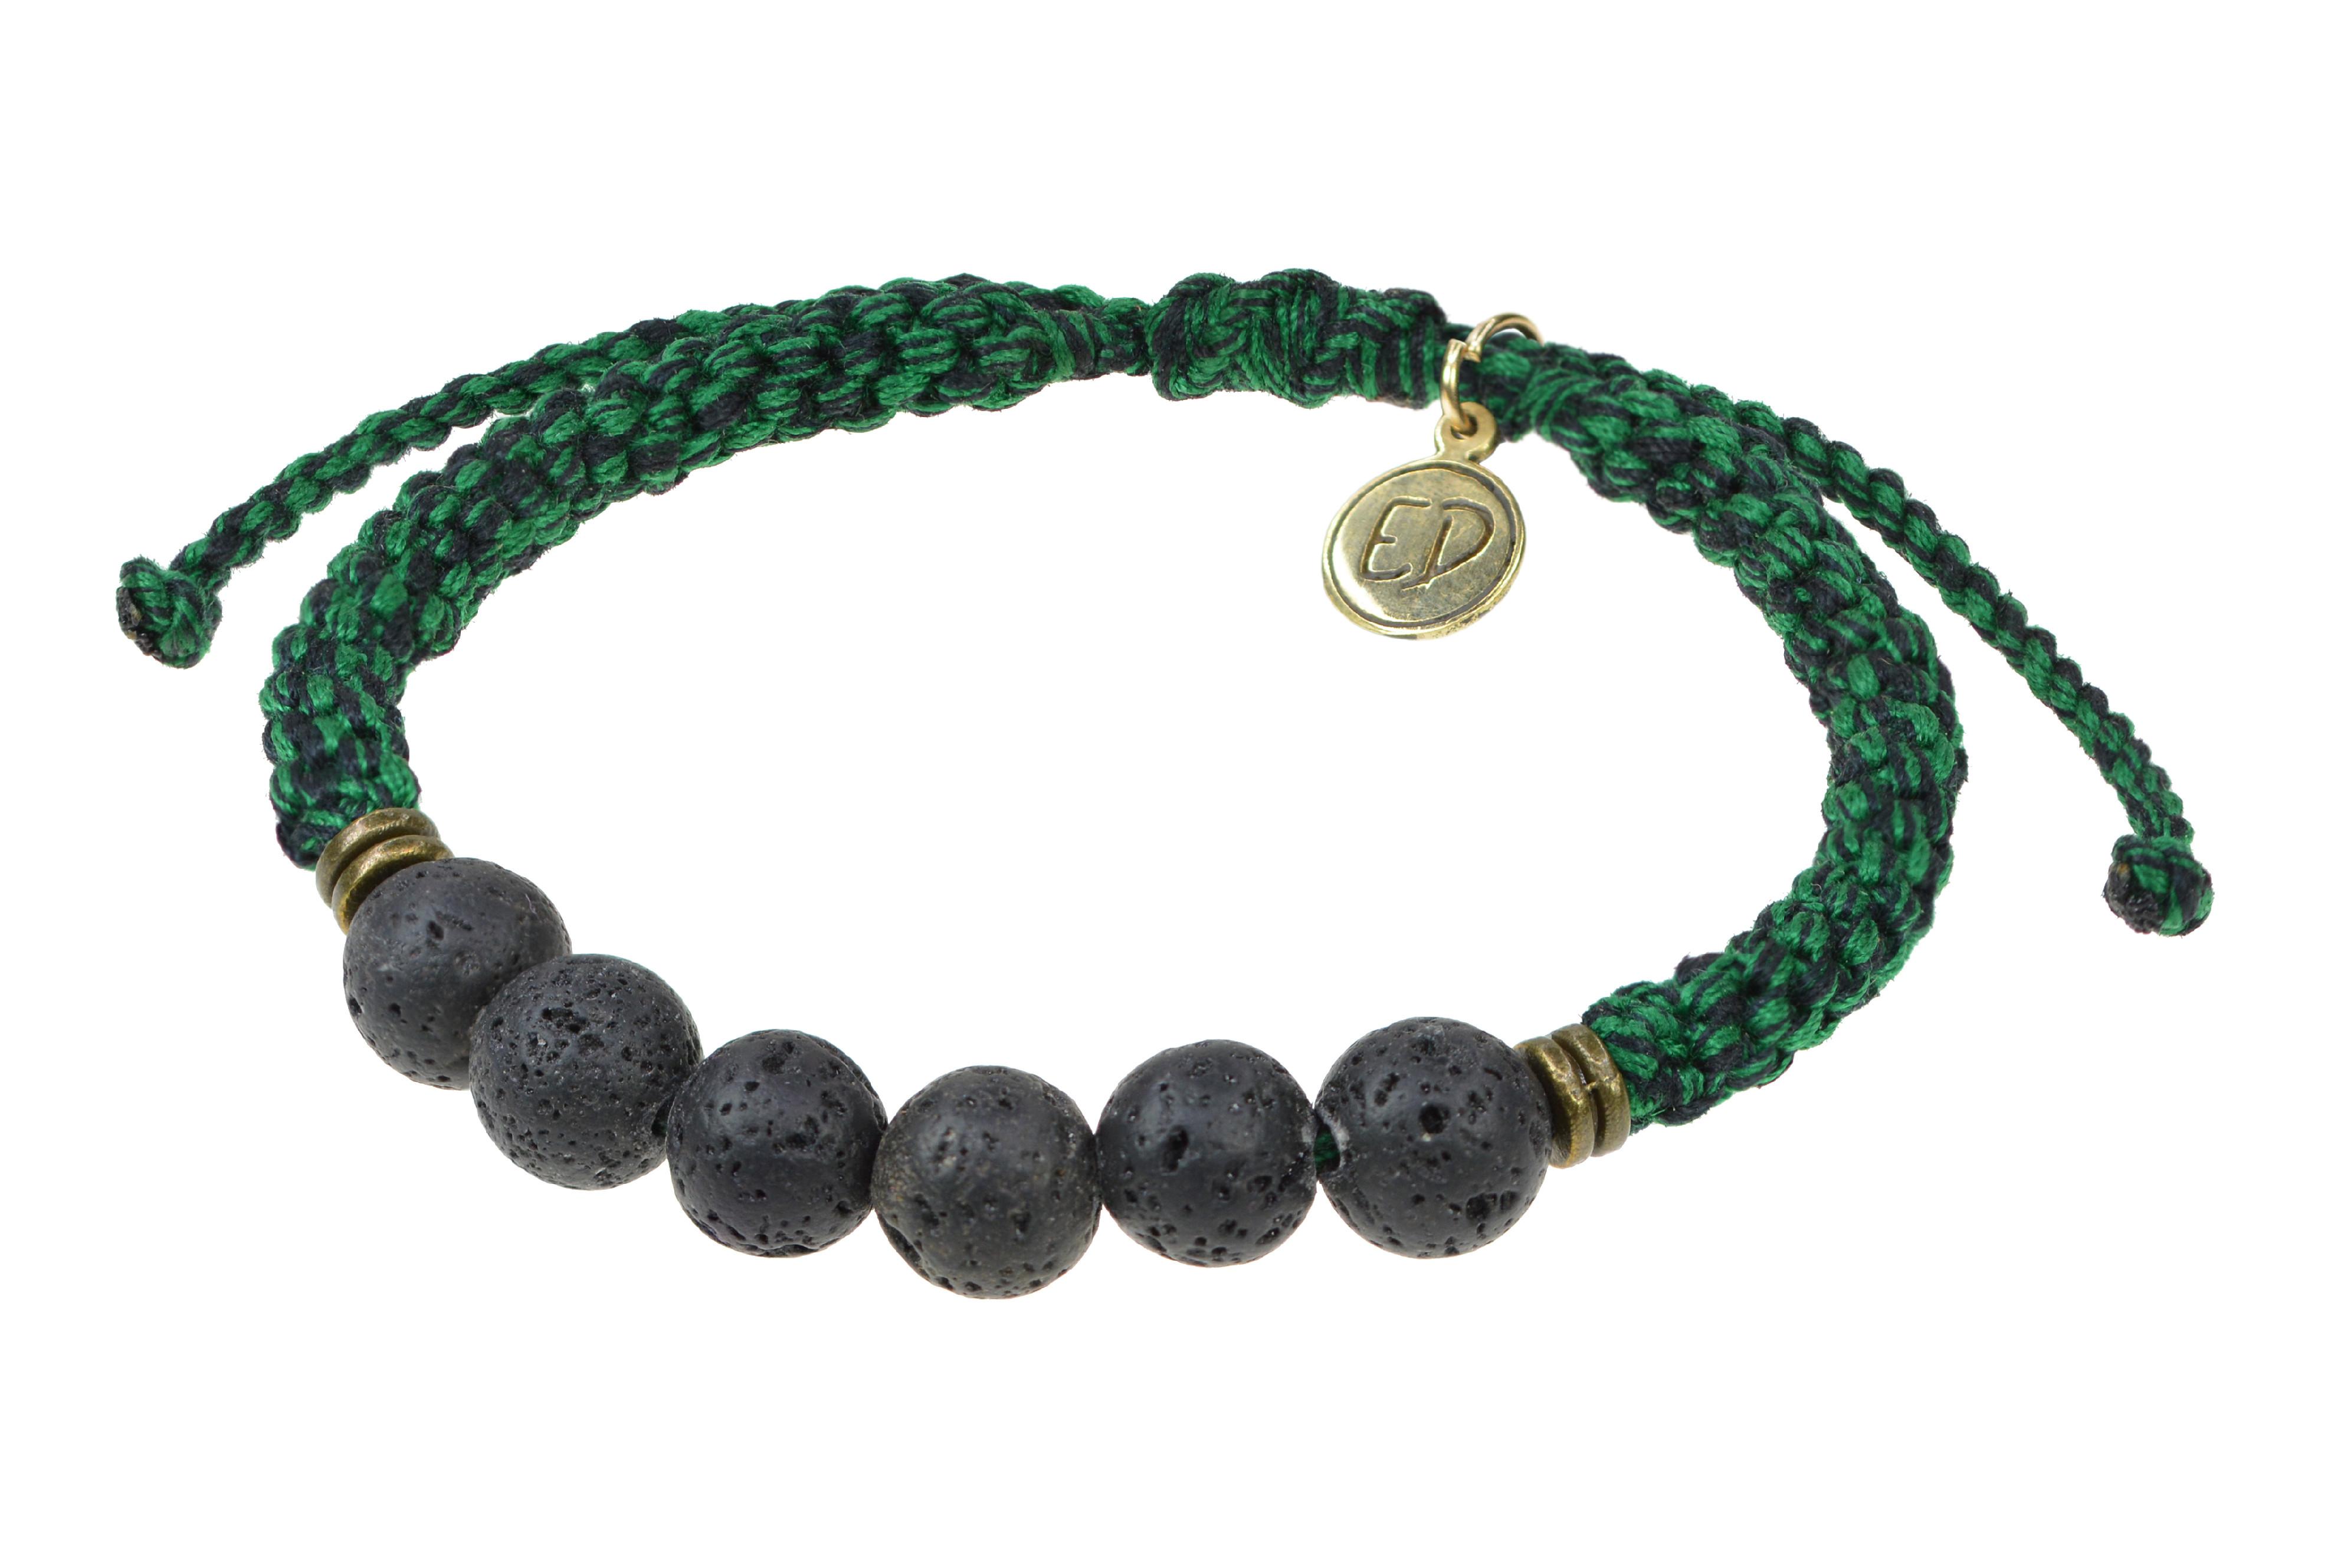 Pánsky pletený náramok s lávovými kameňmi - zelený